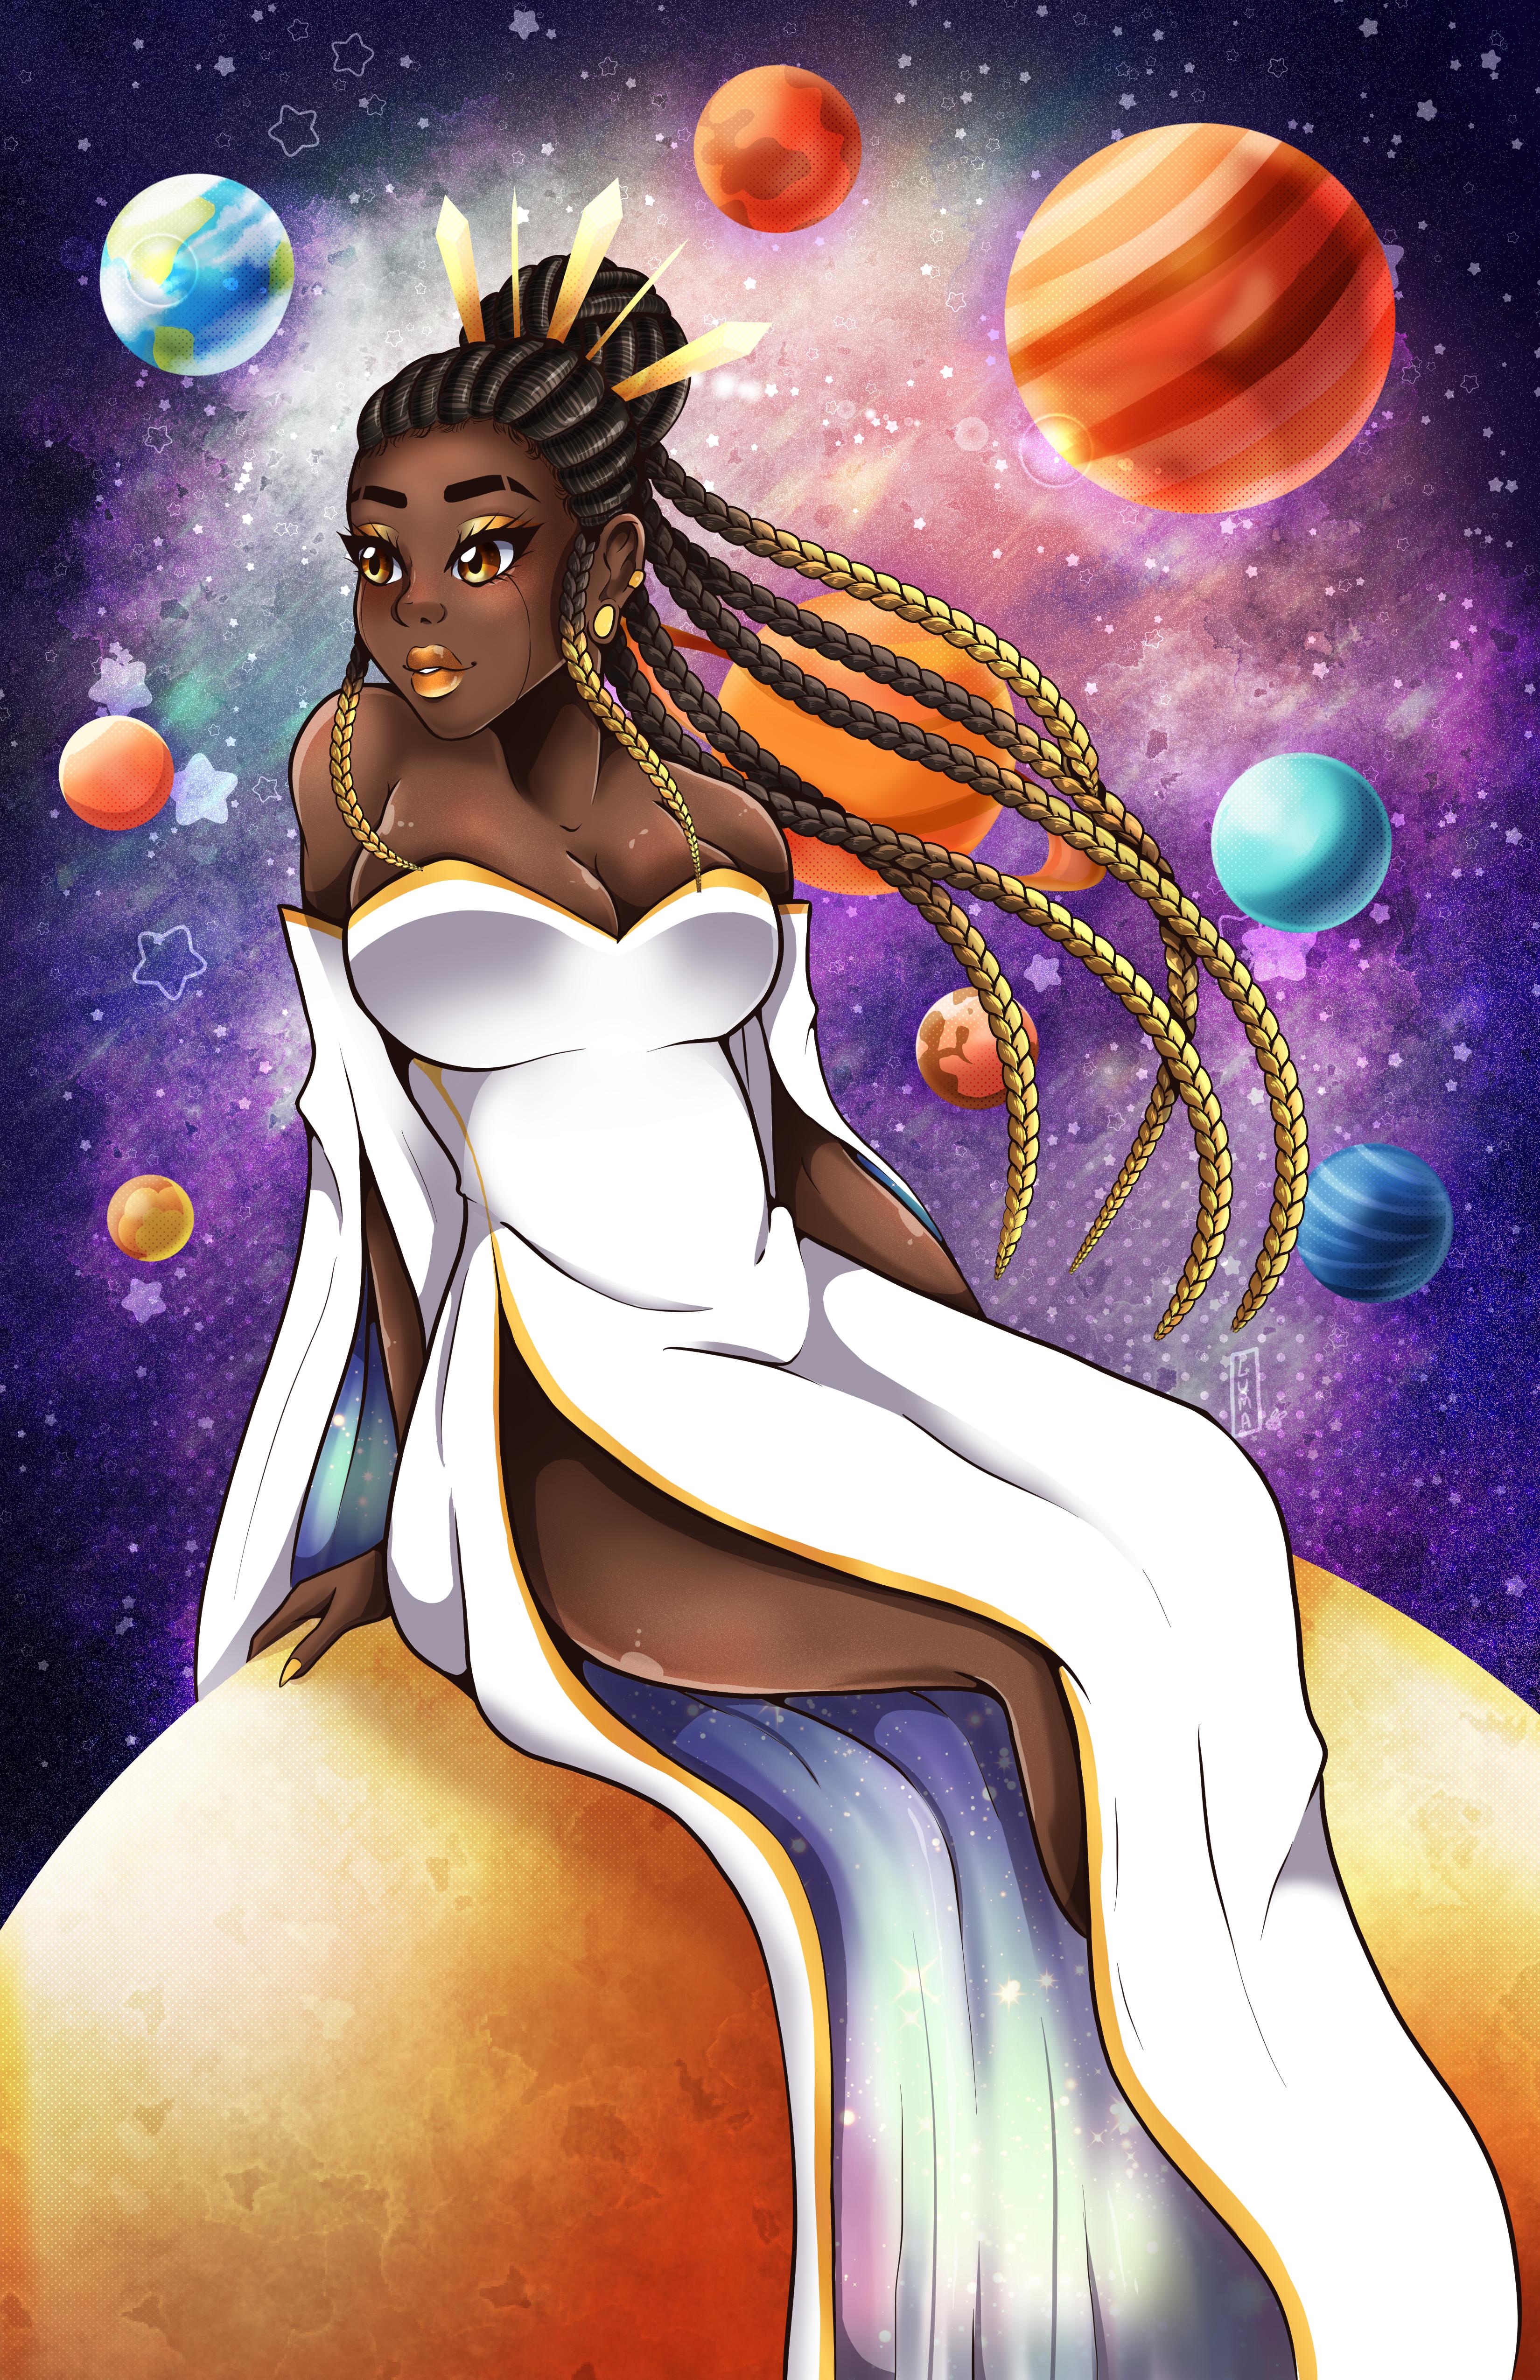 Sun Goddess in her Galaxy